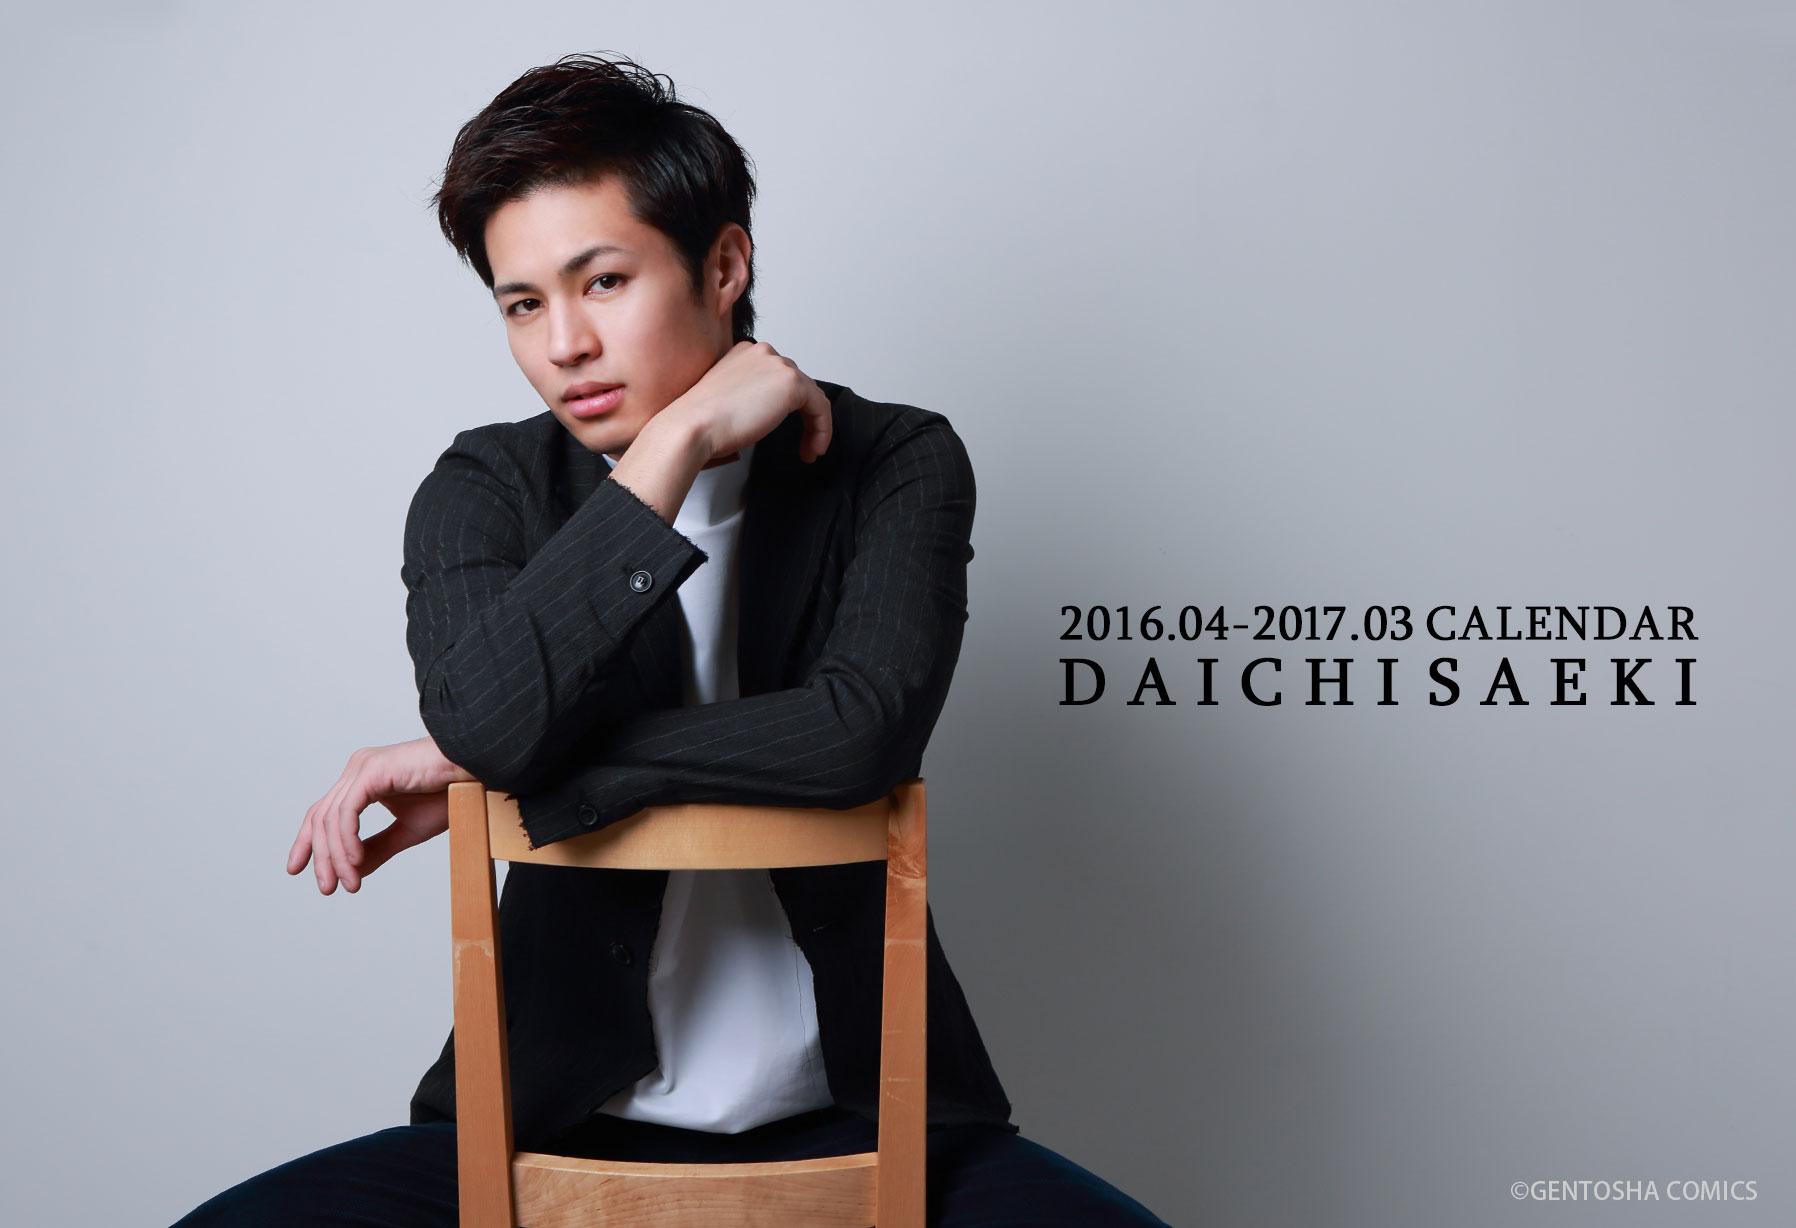 佐伯大地2016カレンダー【B】(2,000円) ※AR動画なし